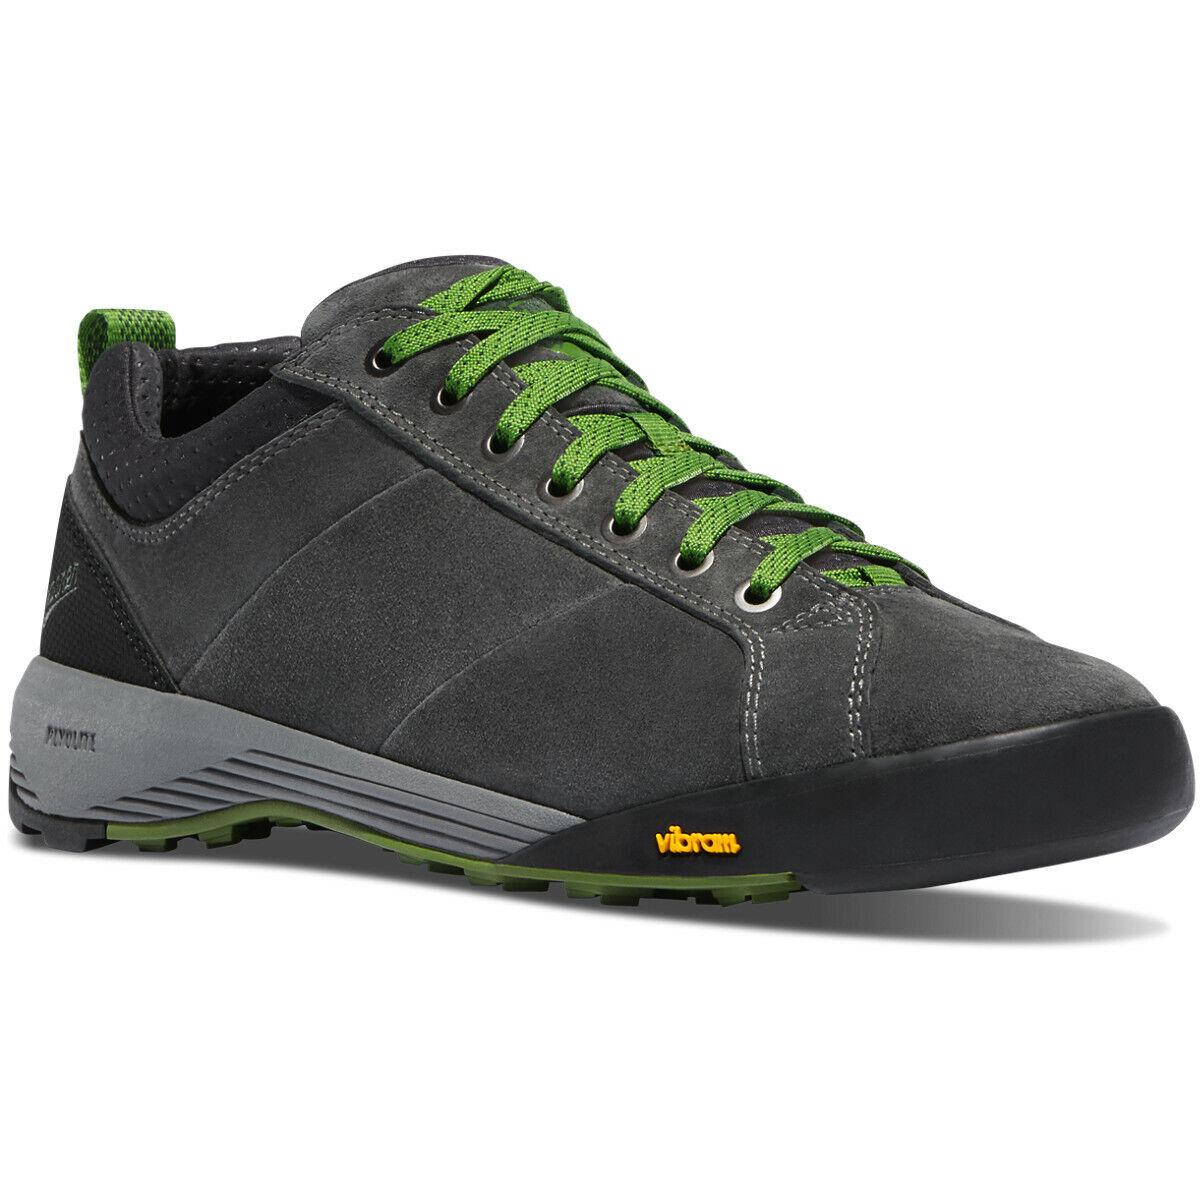 Danner para hombre Camp Sherman ligero Sendero Senderismo Tamaño del zapato 11.5 Extra Ancho gris verde